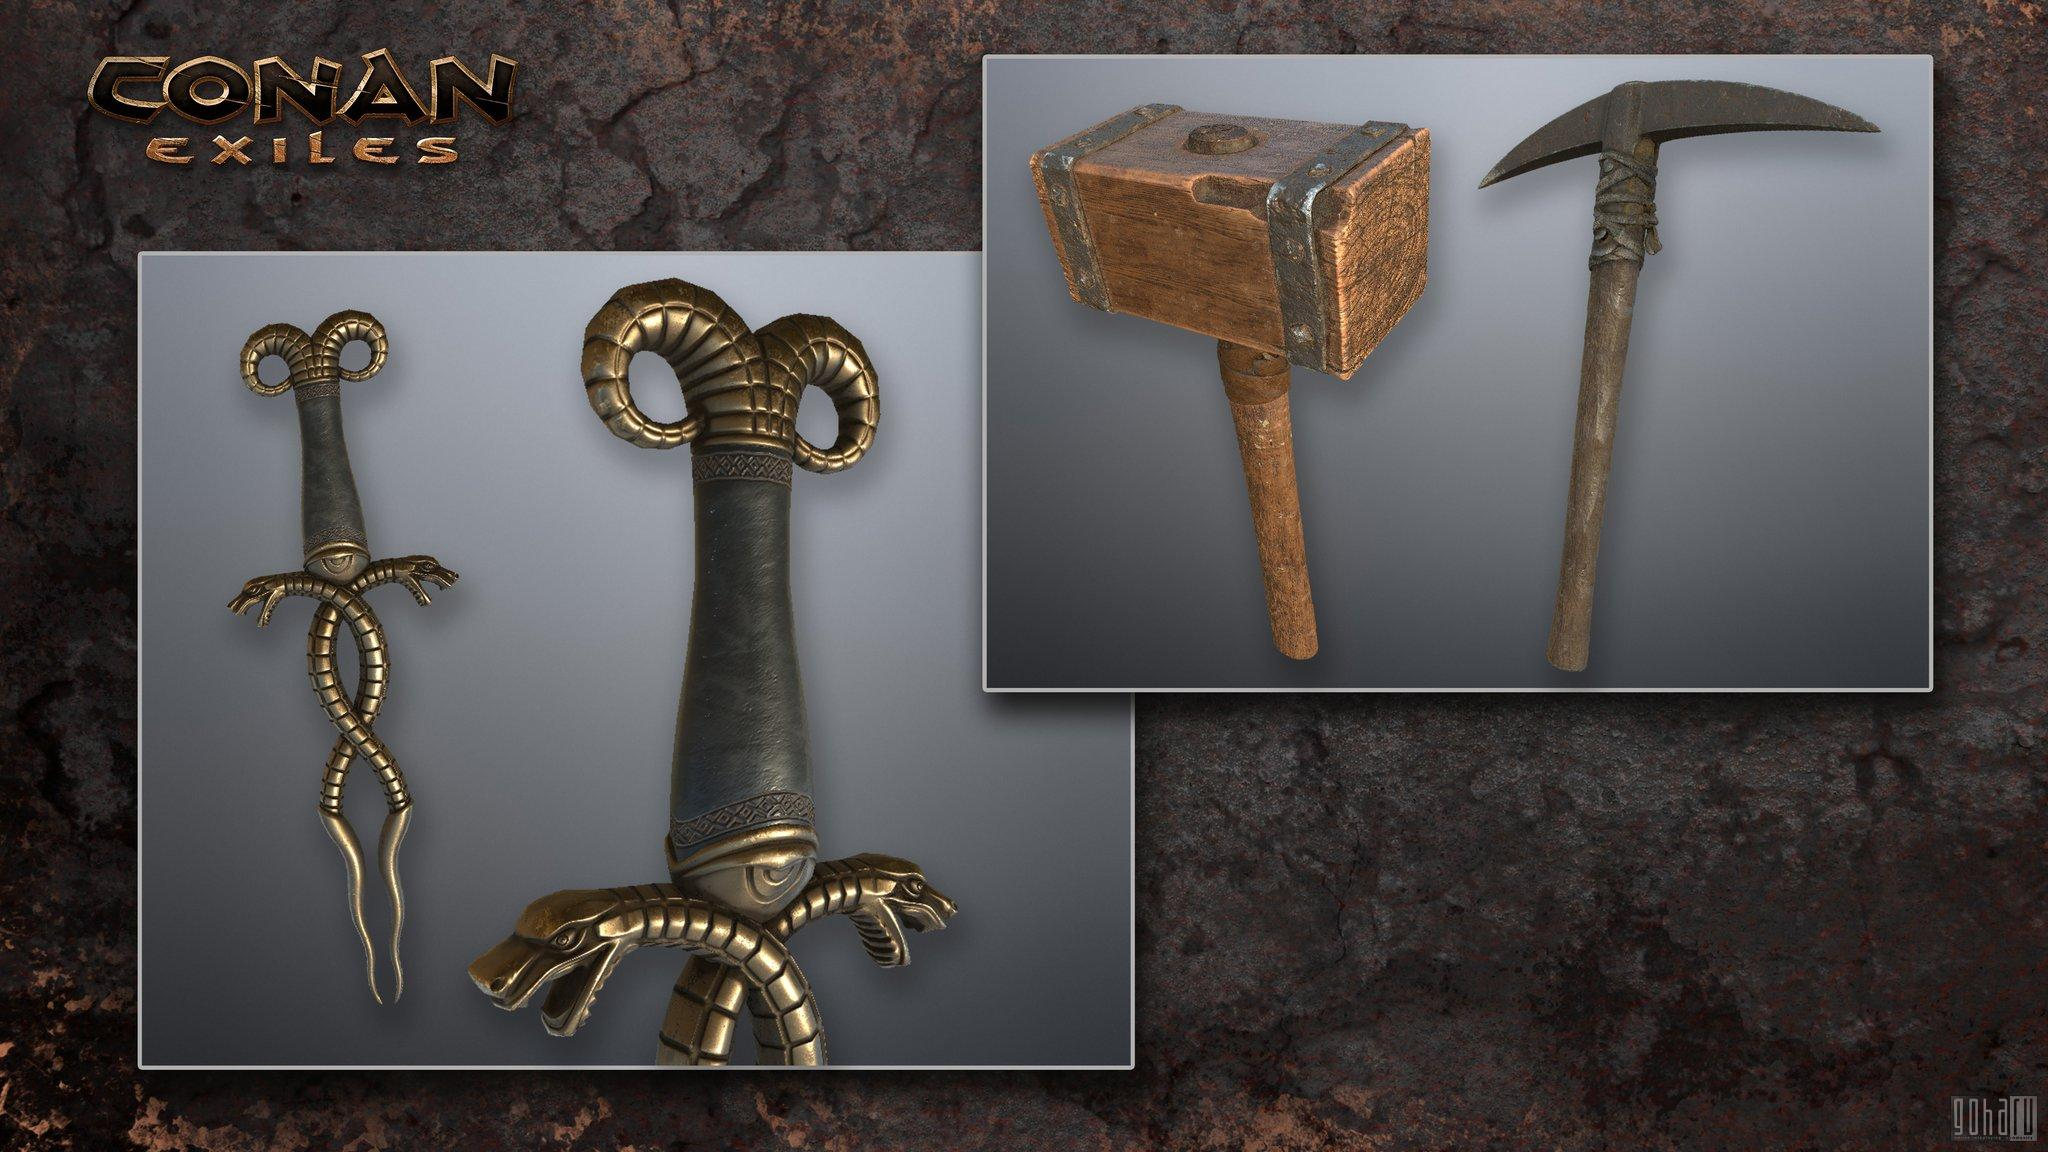 Conan exiles как сделать железный меч